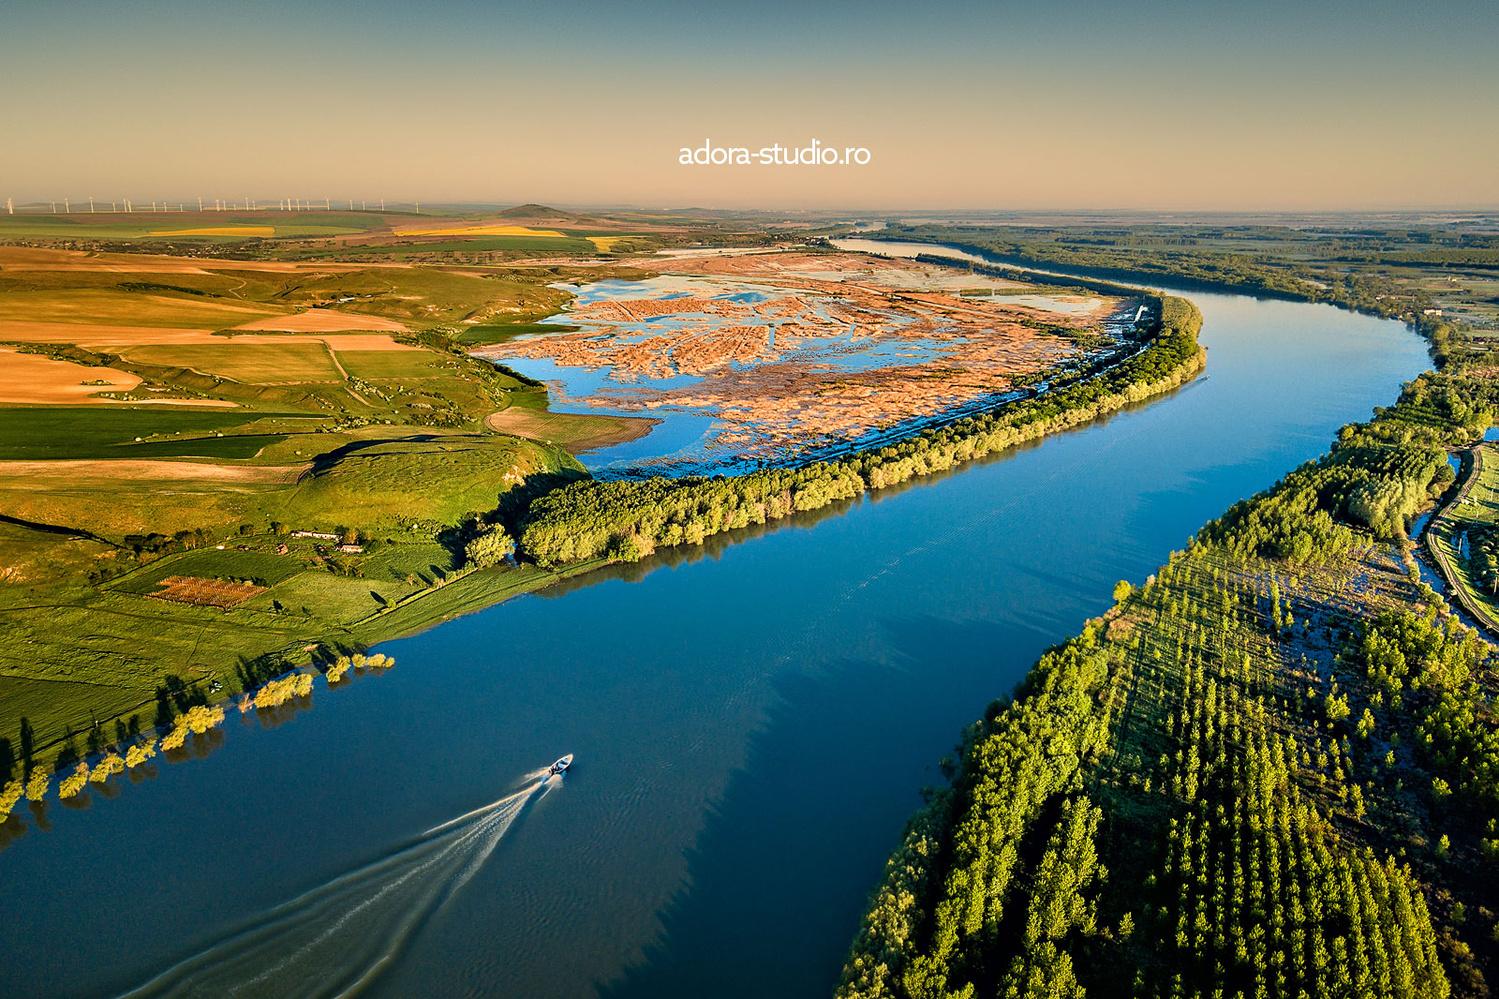 Into the Danube Delta by Paulian Prajitura